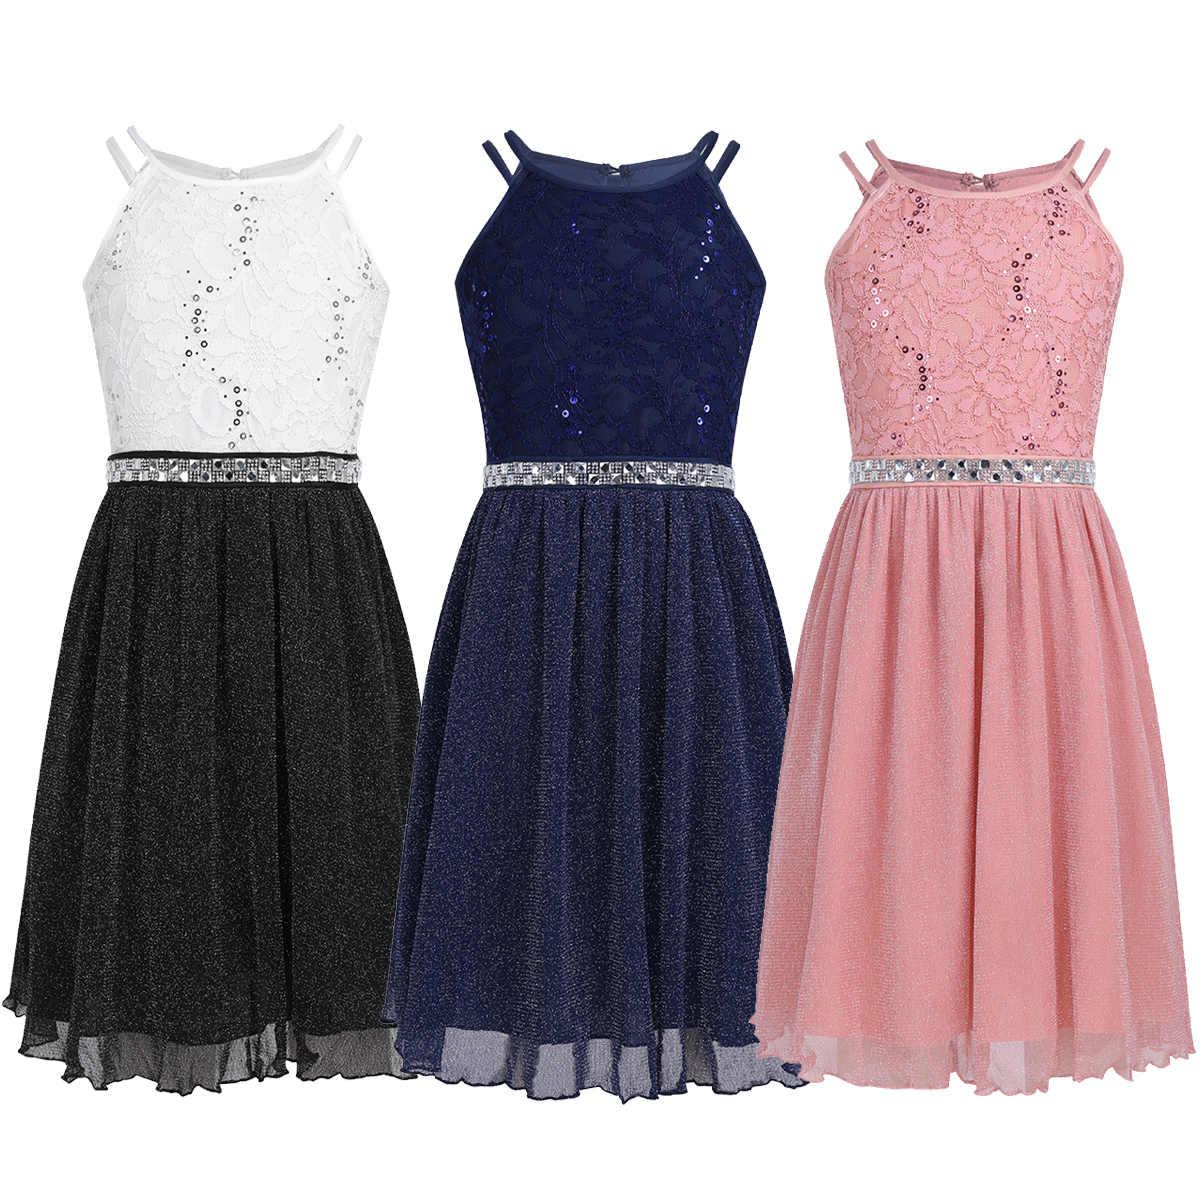 Petites Filles גלימות נסיכת תחרה פרח בנות שמלות טול בנות תחרות שמלות ראשית הקודש שמלות צד פורמליים